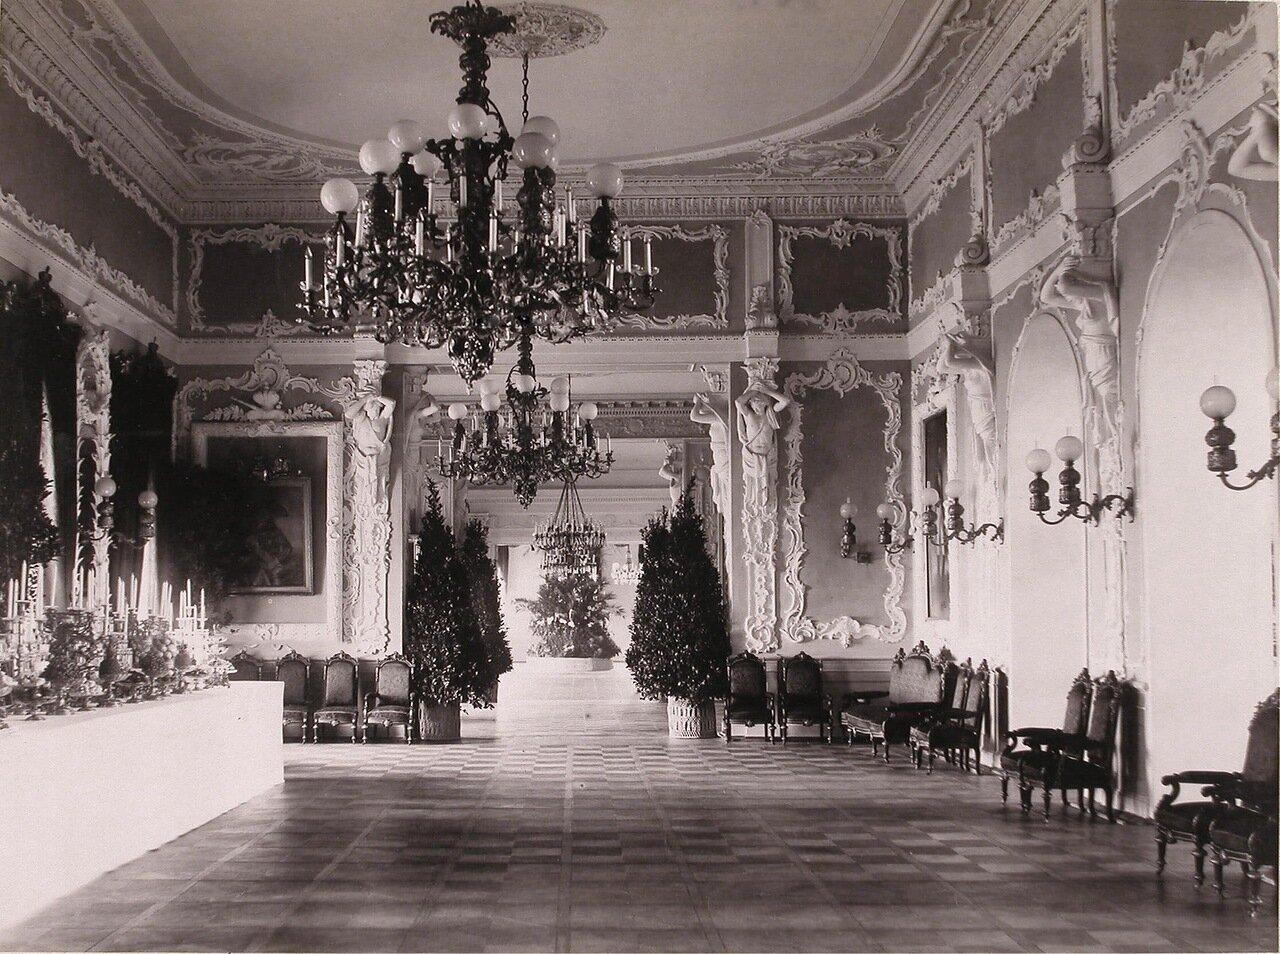 Вид части одного из залов в здании Благородного (Дворянского) собрания, подготовленного к праздничному ужину в честь торжества коронации